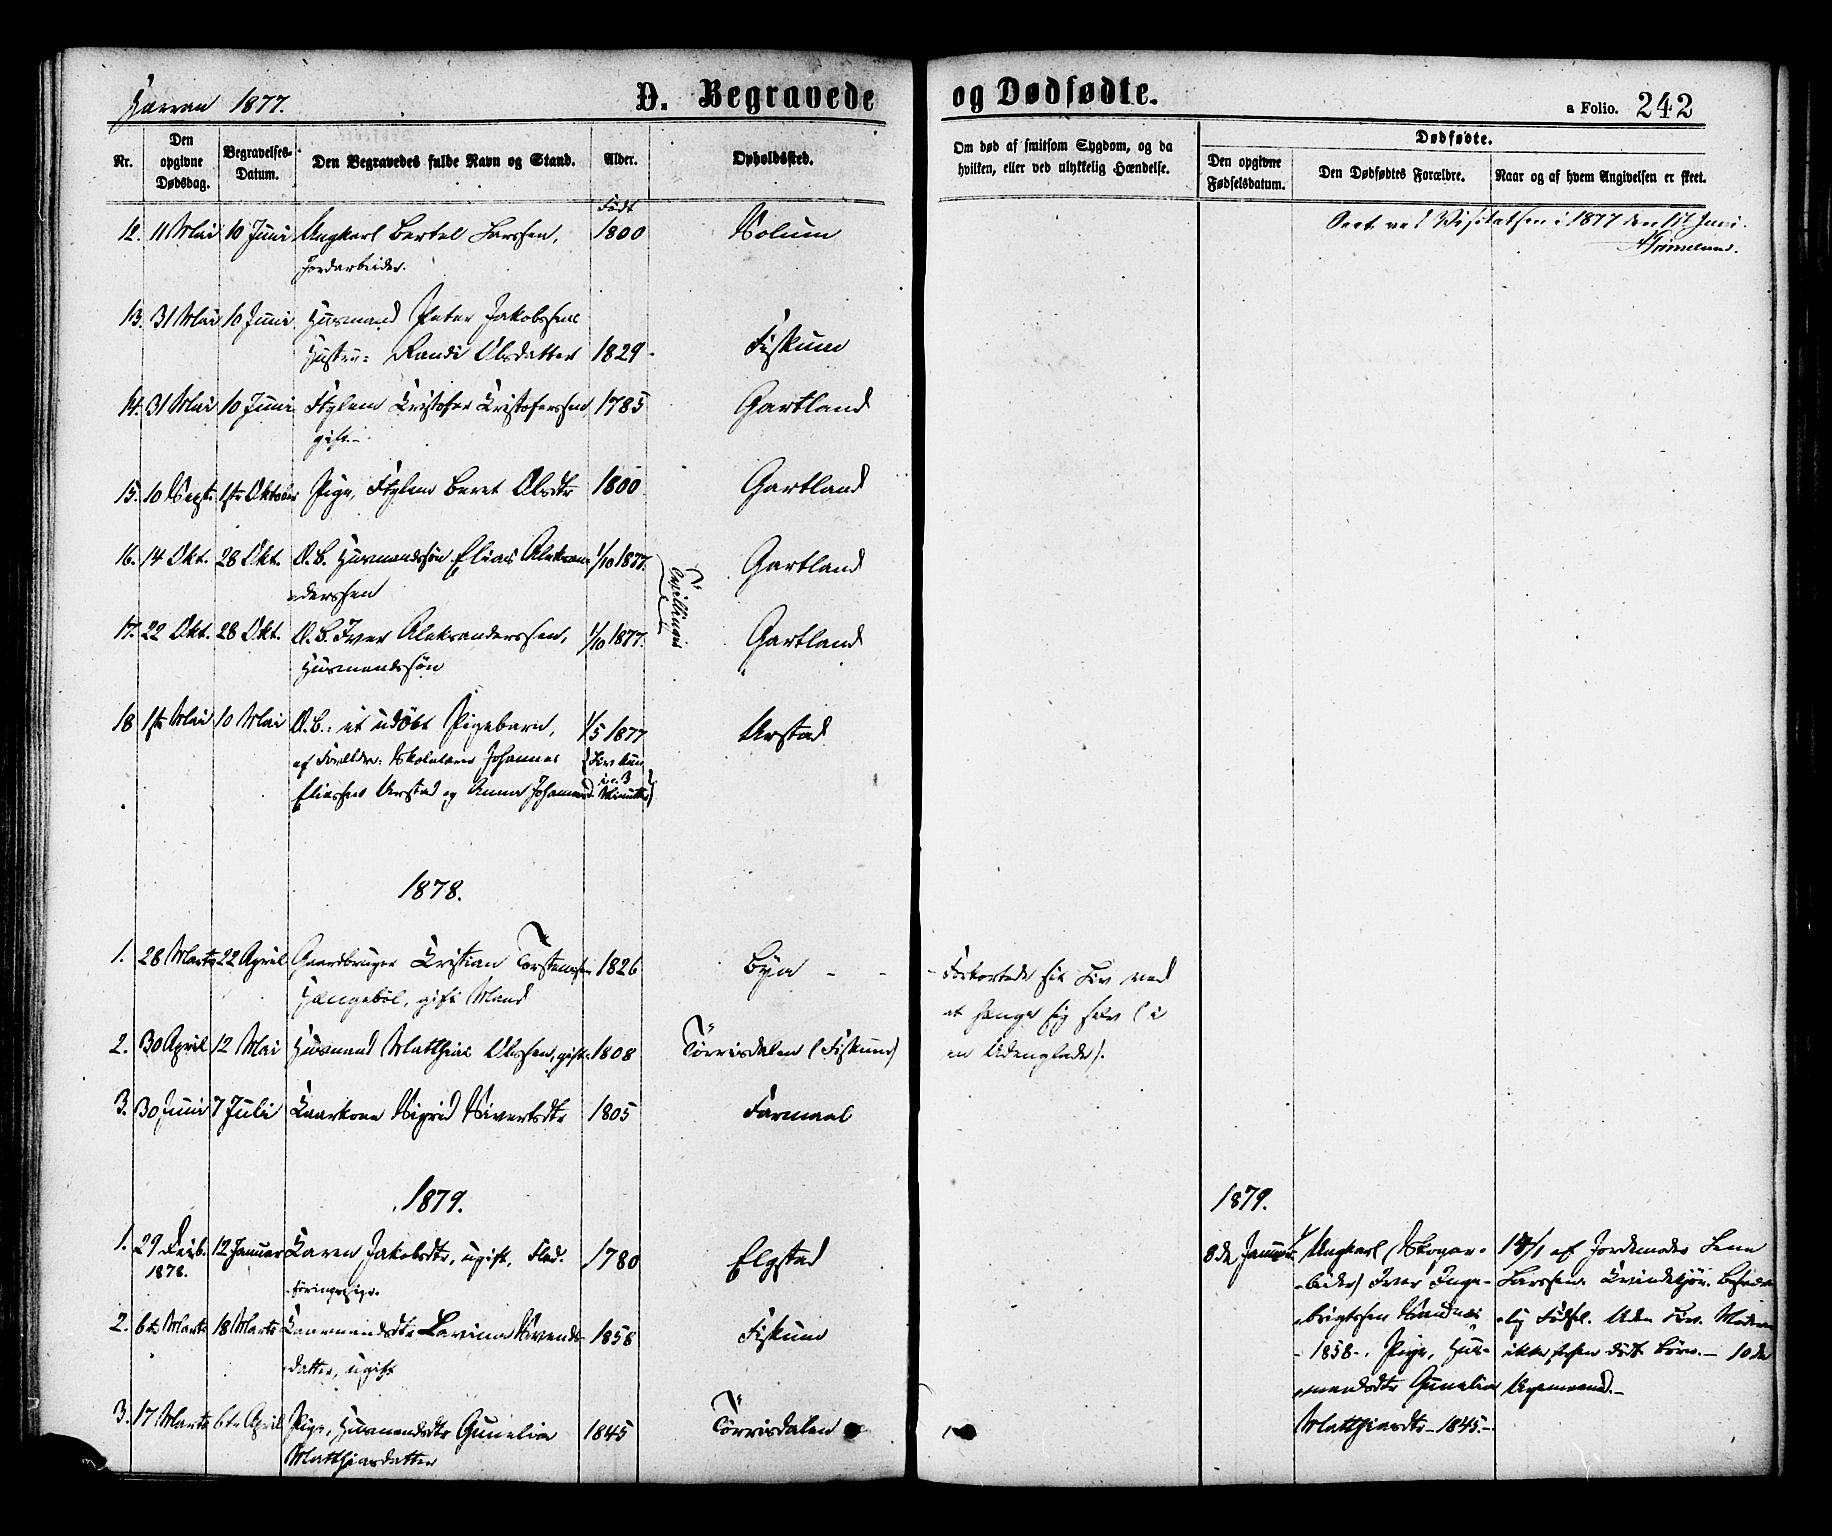 SAT, Ministerialprotokoller, klokkerbøker og fødselsregistre - Nord-Trøndelag, 758/L0516: Ministerialbok nr. 758A03 /3, 1869-1879, s. 242